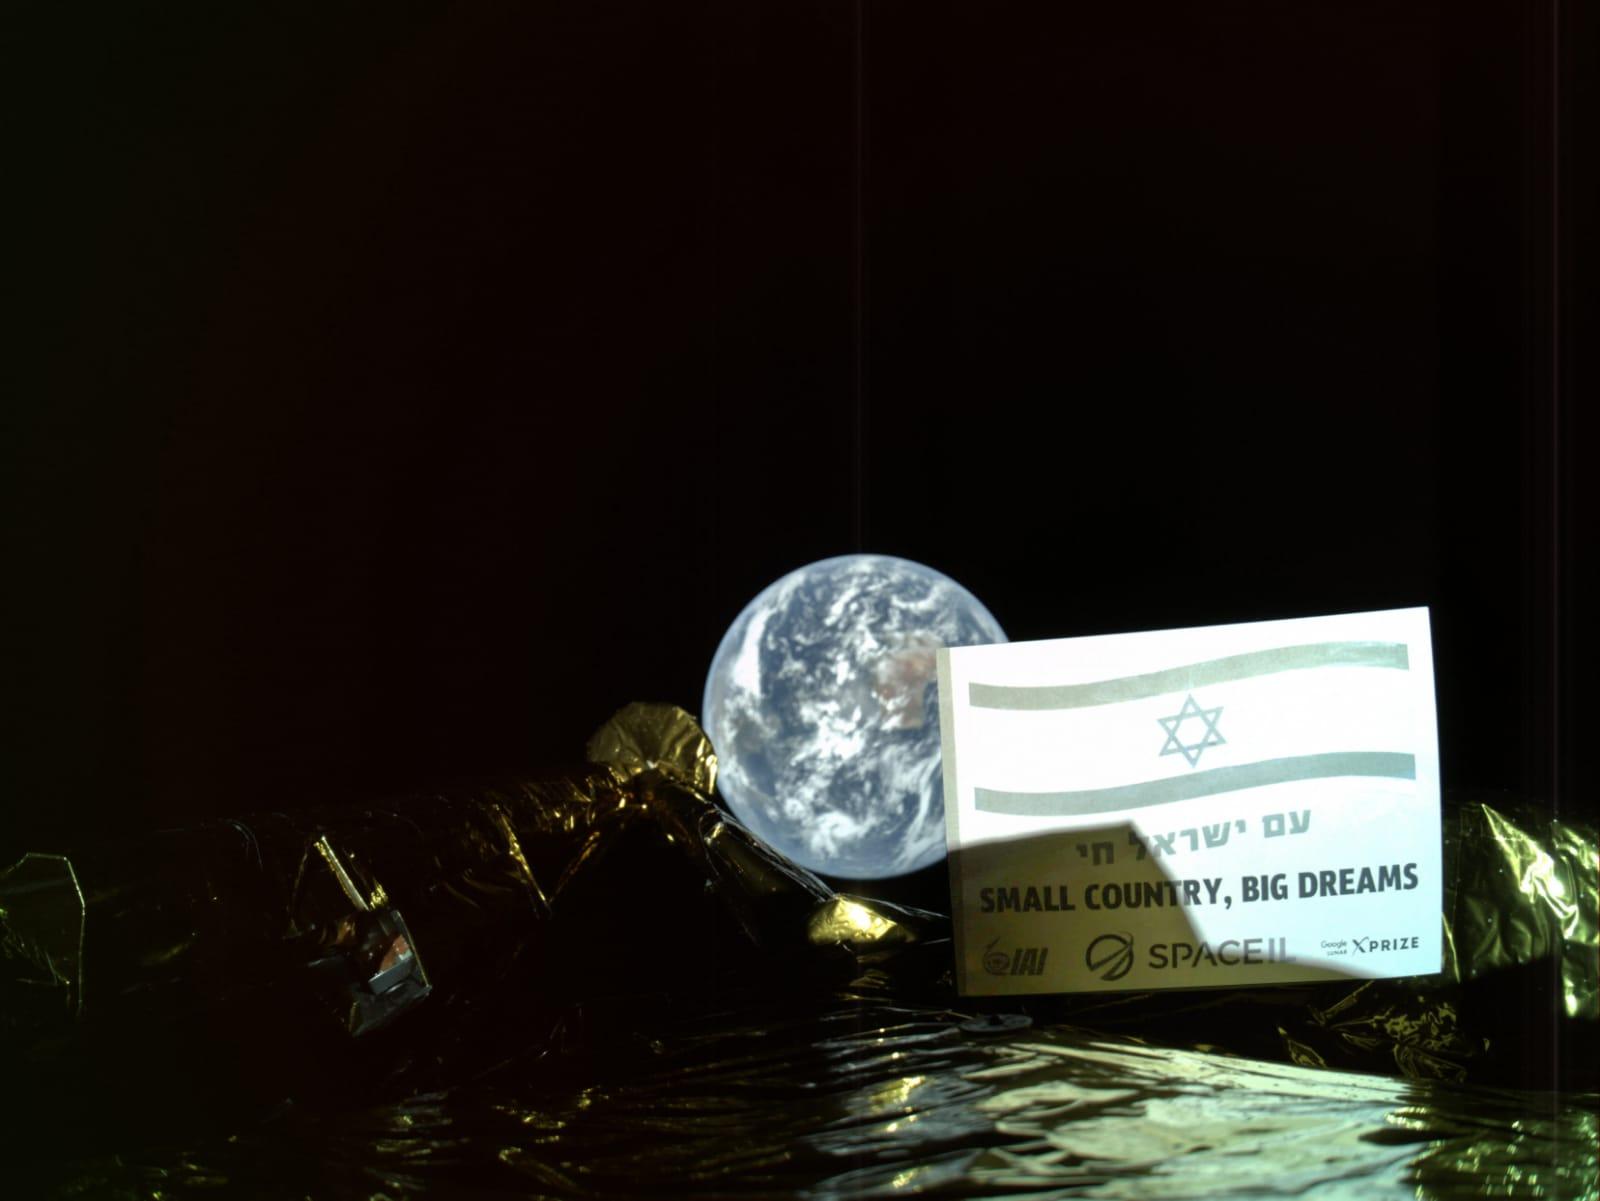 Лунная миссия «Берешит» – первое видео с бортовой камеры и новые фотографии в космическом пространстве - 6